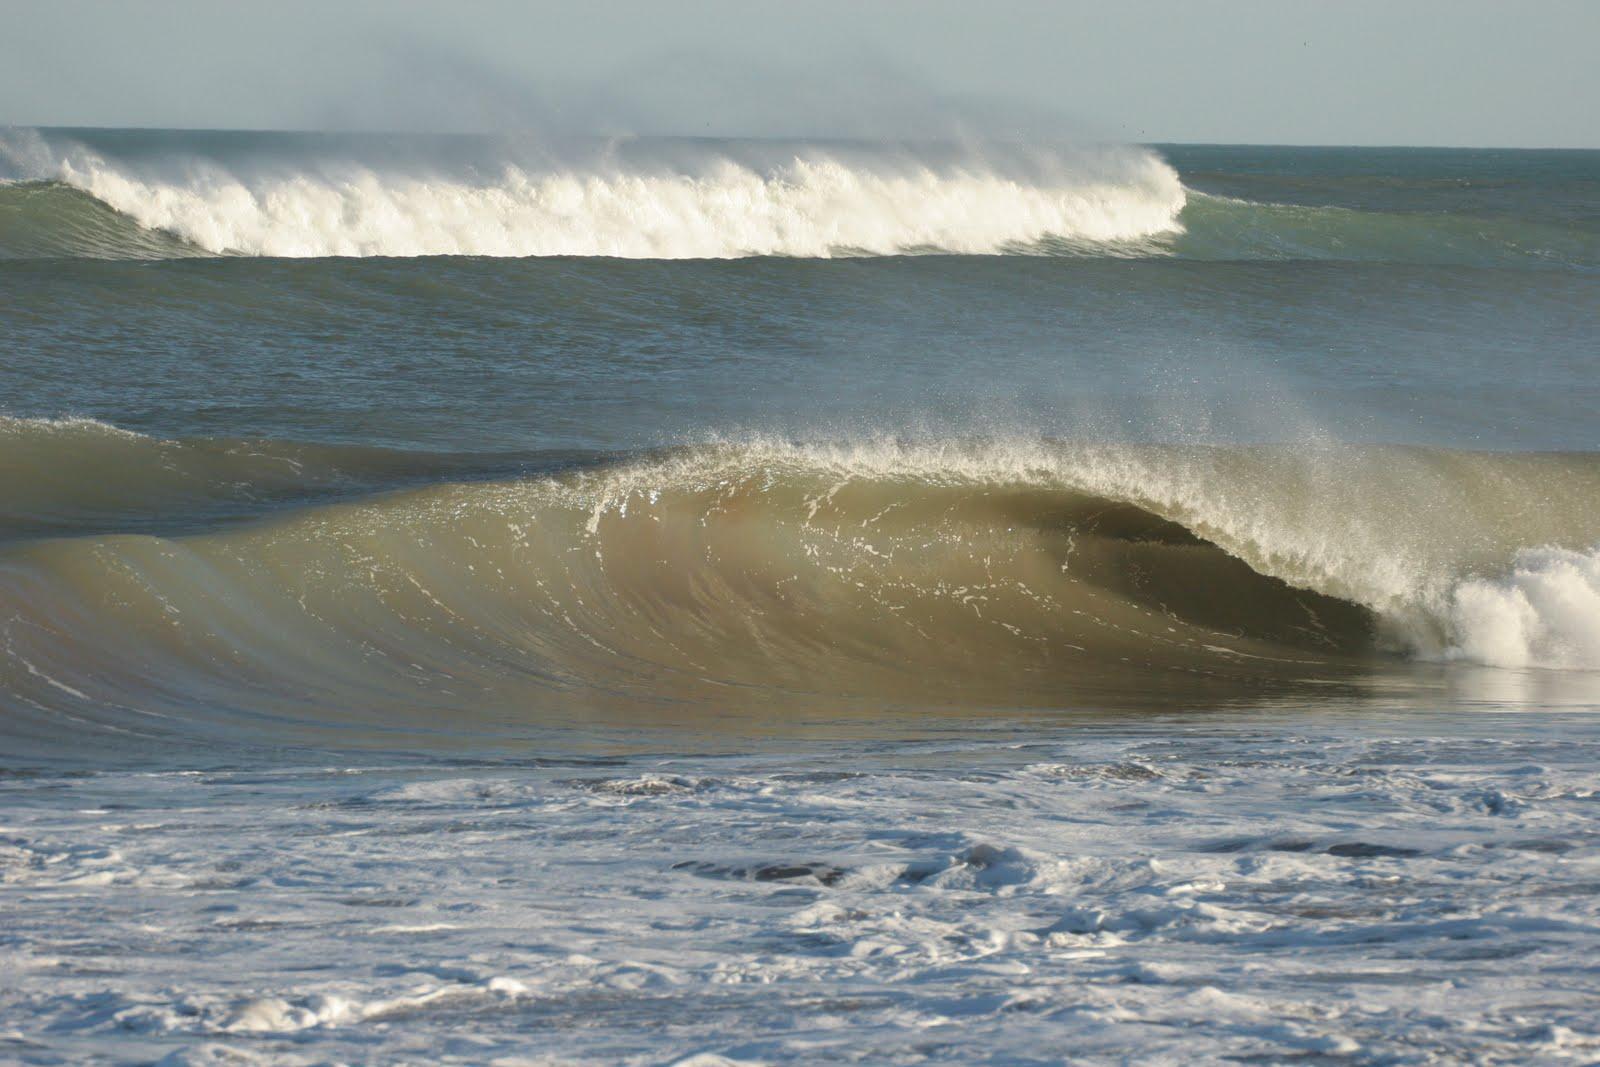 Mar del Plata Beach Photos | World Beach Photos